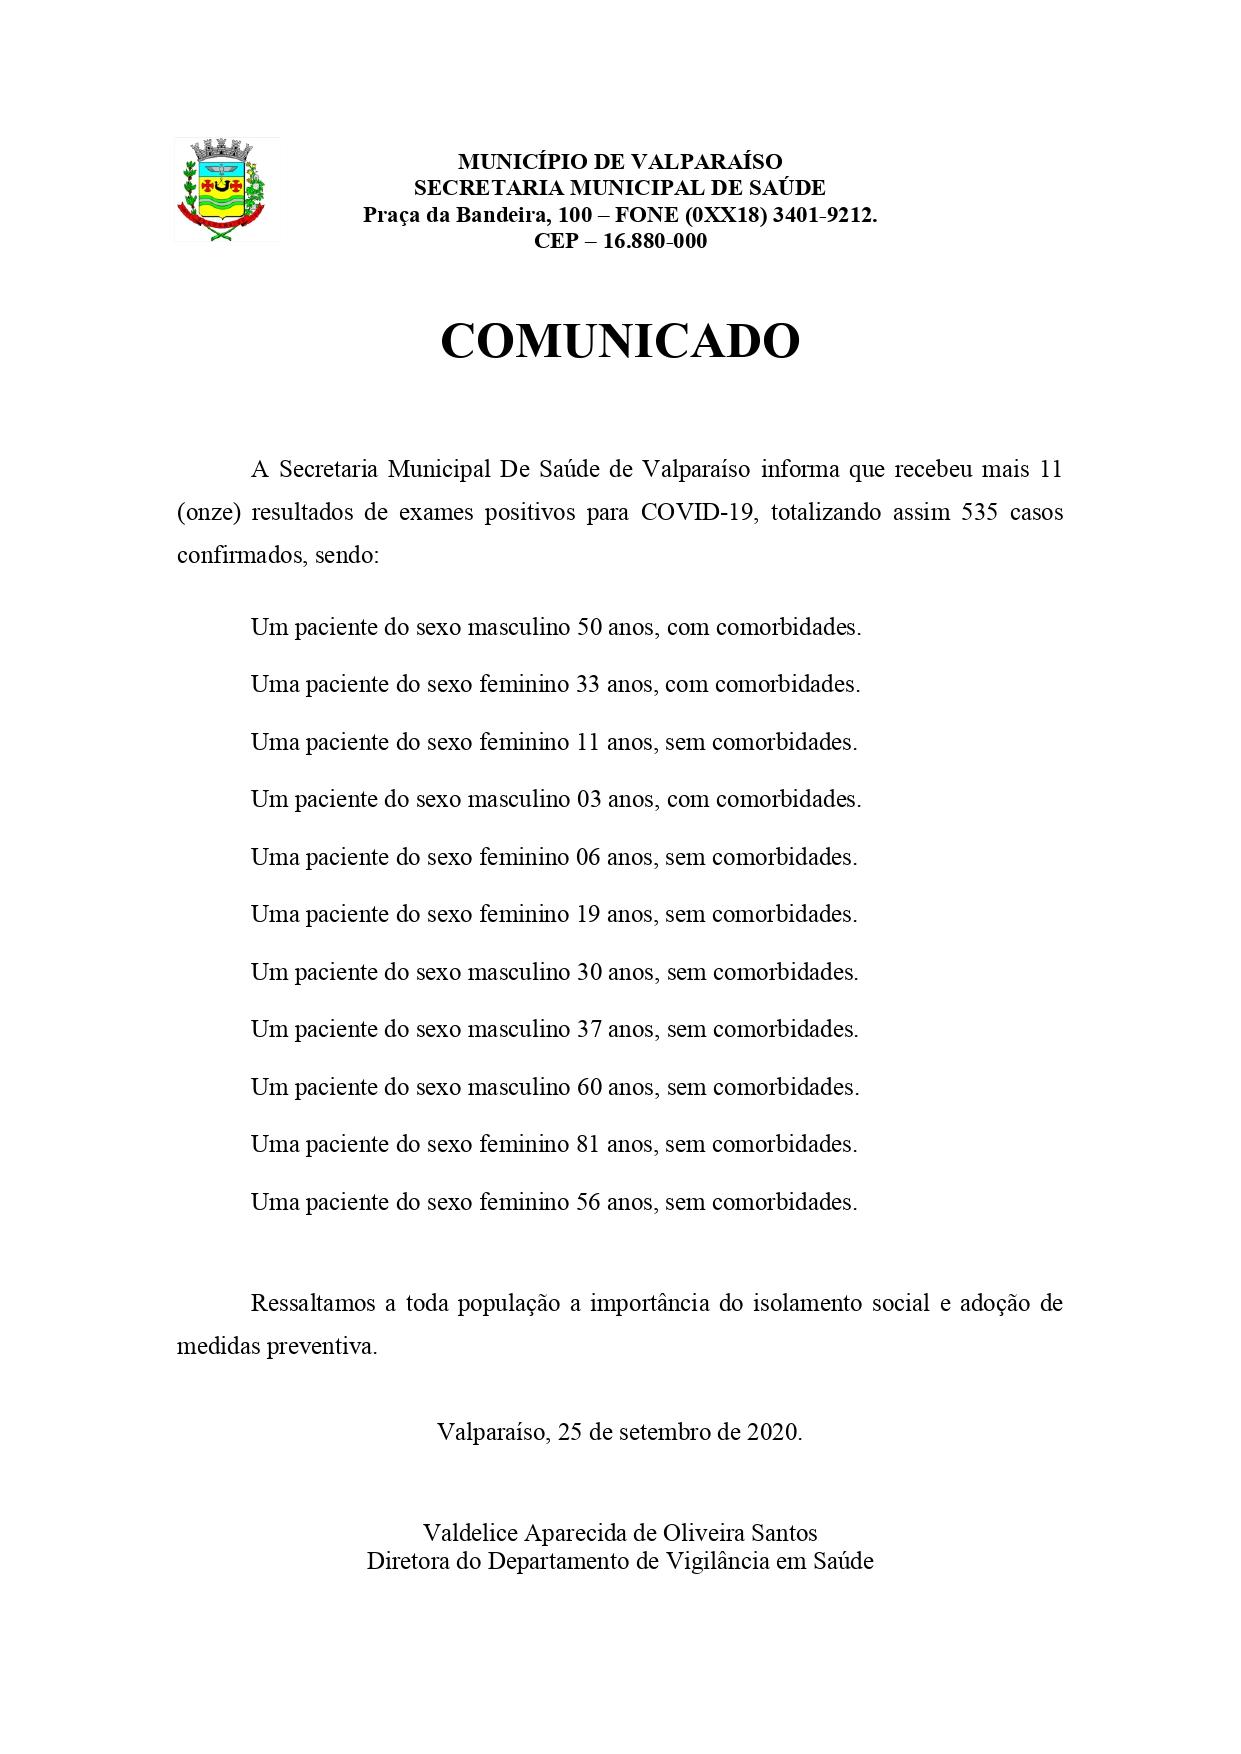 covid535